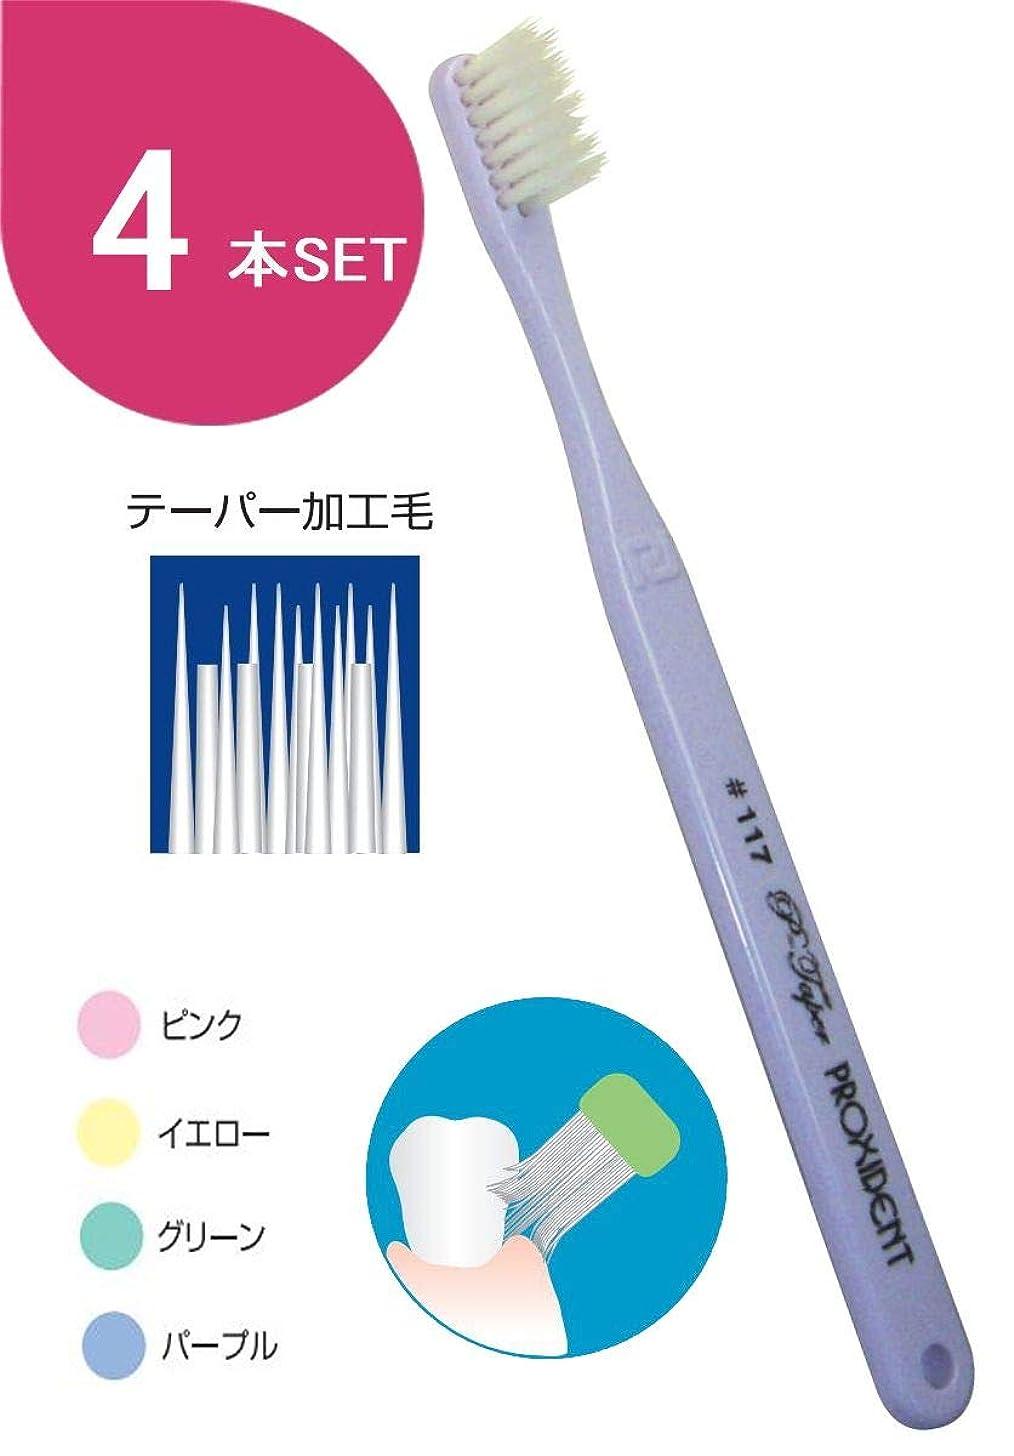 降伏不良累計プローデント プロキシデント コンパクトヘッド ピーテーパー 歯ブラシ #117 (4本)